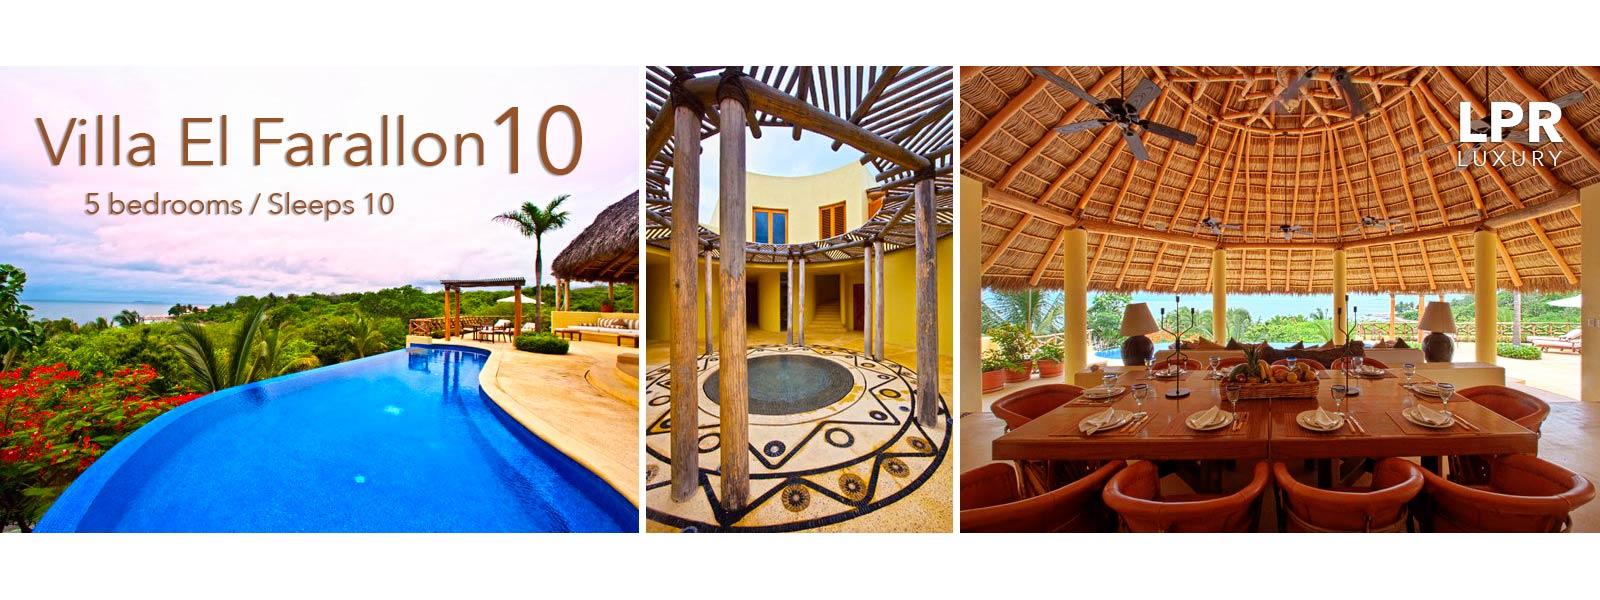 Villa El Farallon 10 - Luxury Punta de Mita Vacation Rental Villa - Mexico